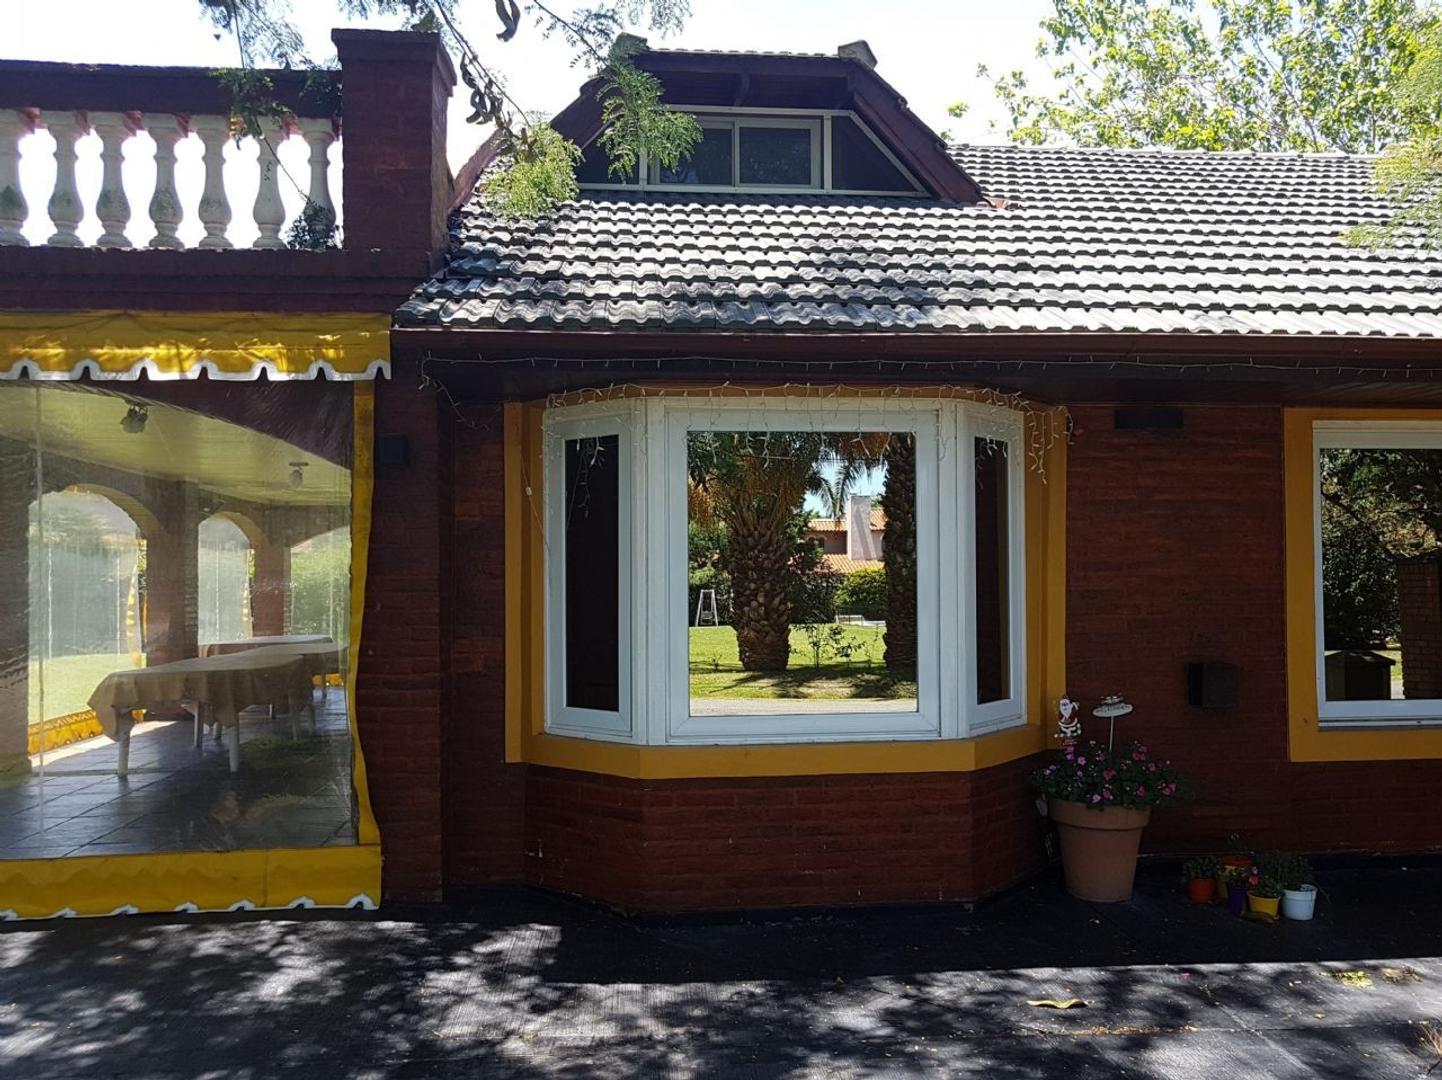 Casa  en Venta  C.C. Banco Provincia, Zona Oeste - OES1014_LP156645_1